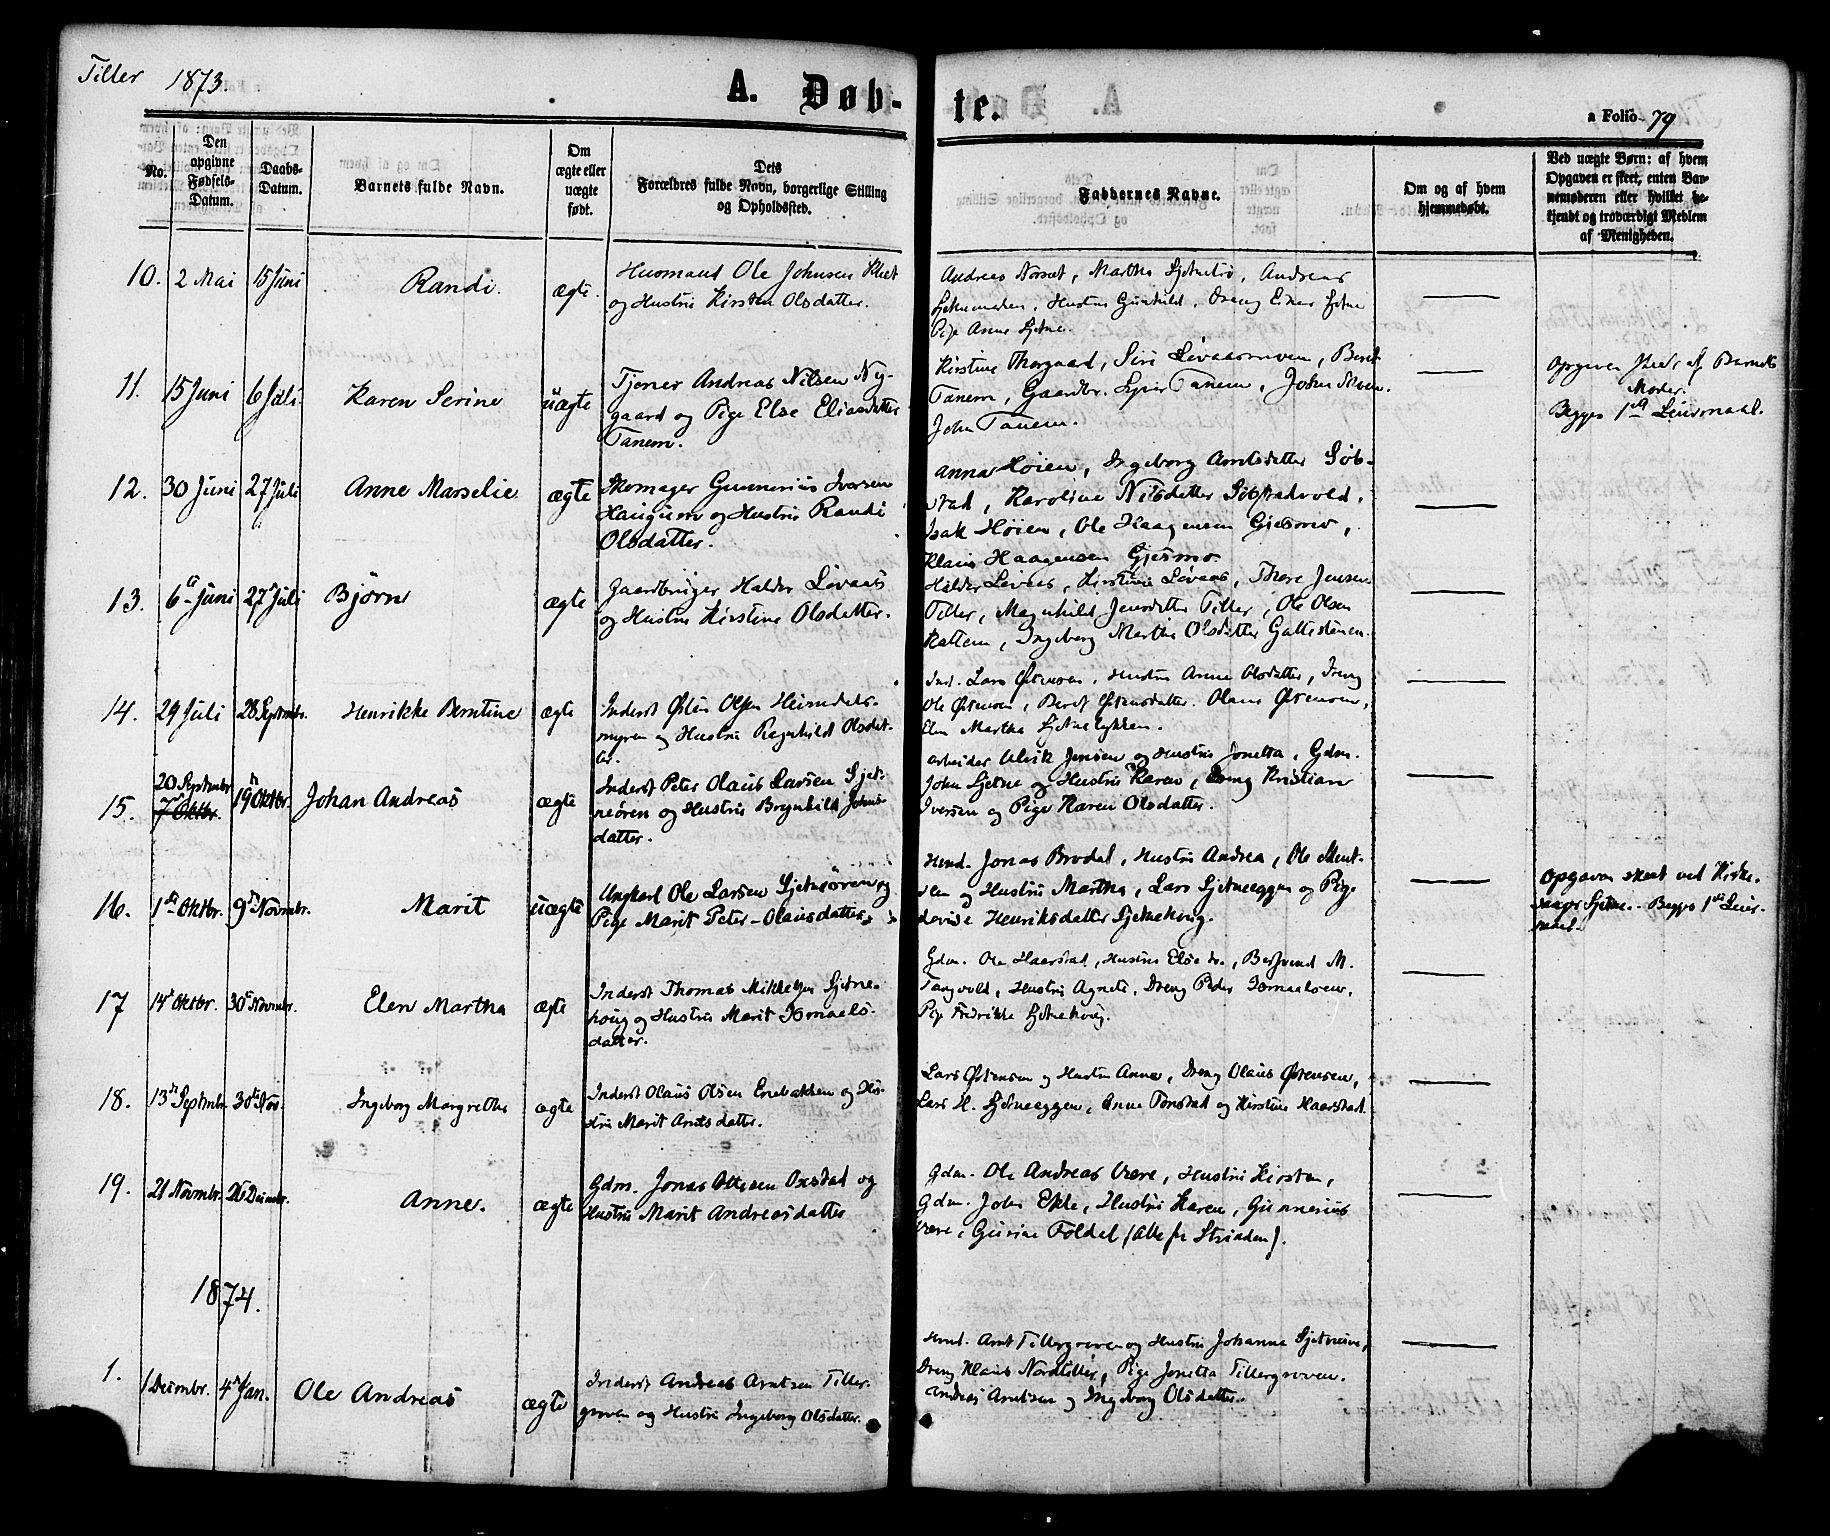 SAT, Ministerialprotokoller, klokkerbøker og fødselsregistre - Sør-Trøndelag, 618/L0443: Ministerialbok nr. 618A06 /2, 1863-1879, s. 79